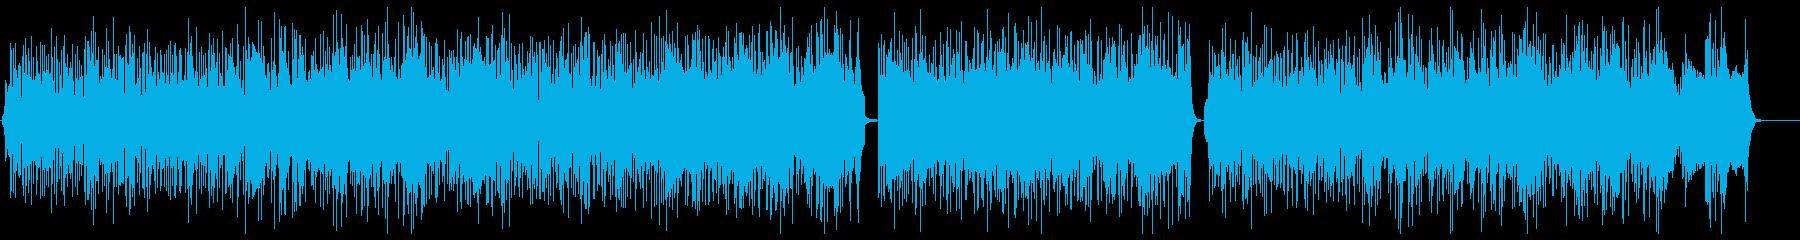 サックス生演奏の軽快なファンクブルースの再生済みの波形